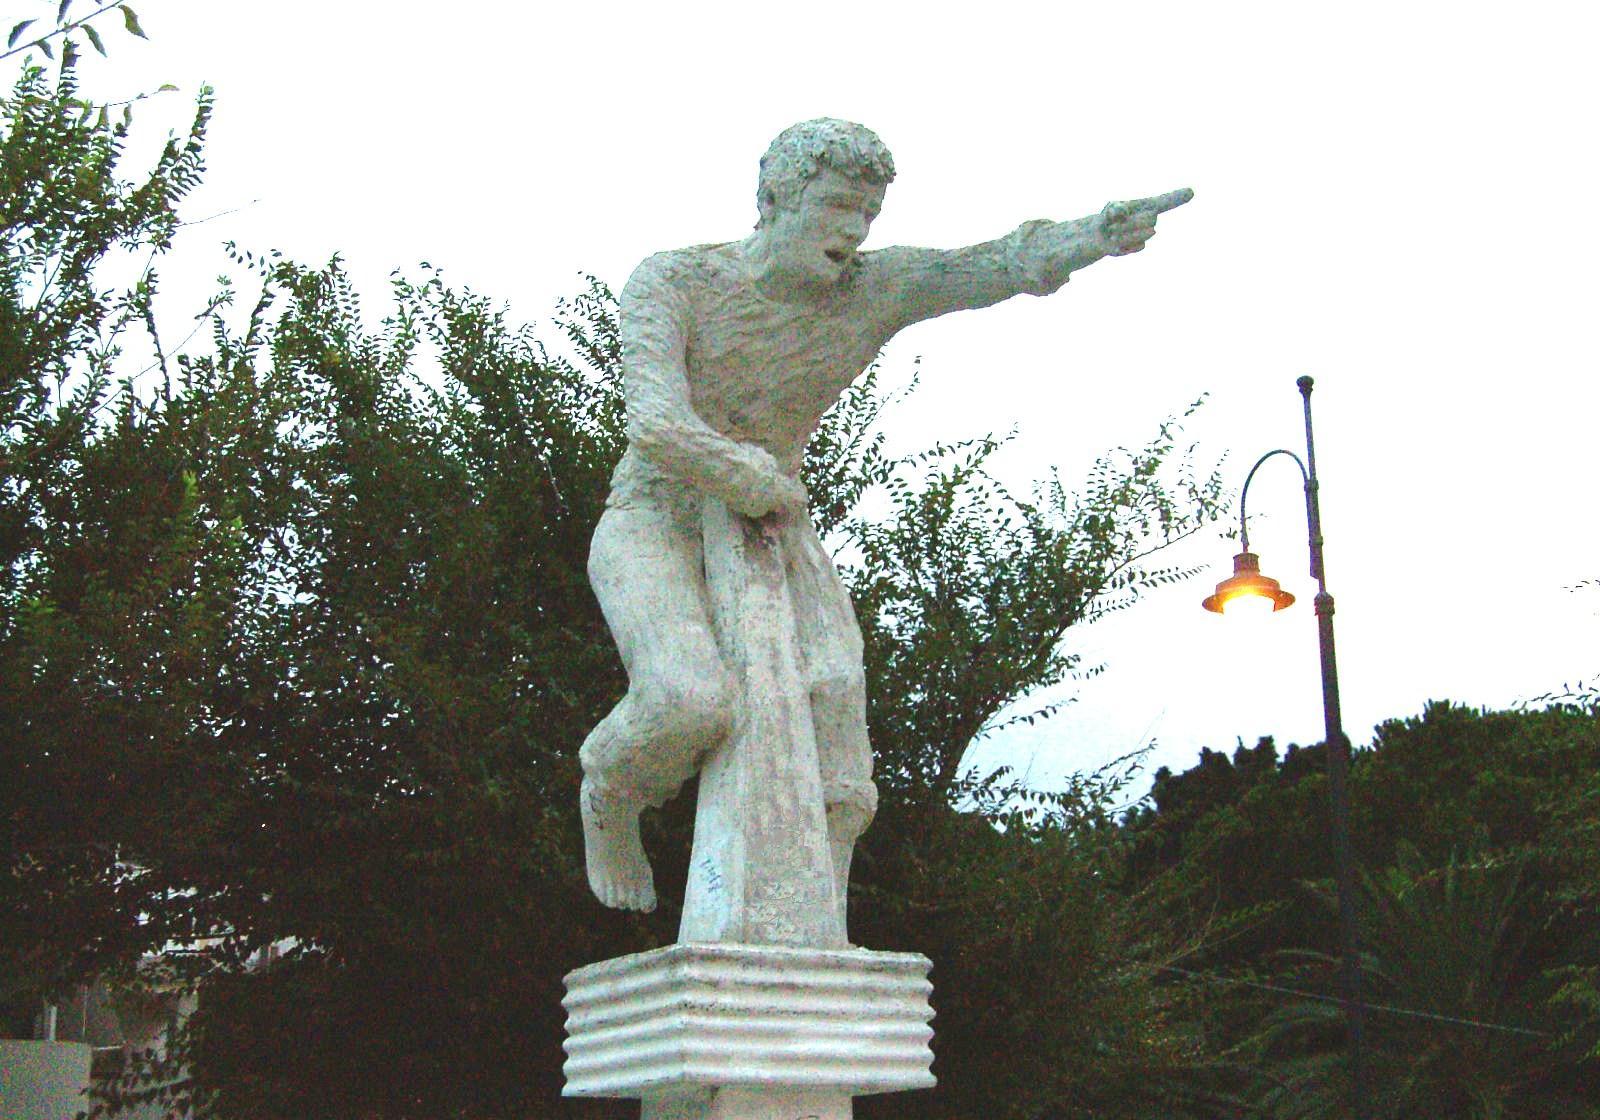 Monumento_pescespada.jpg